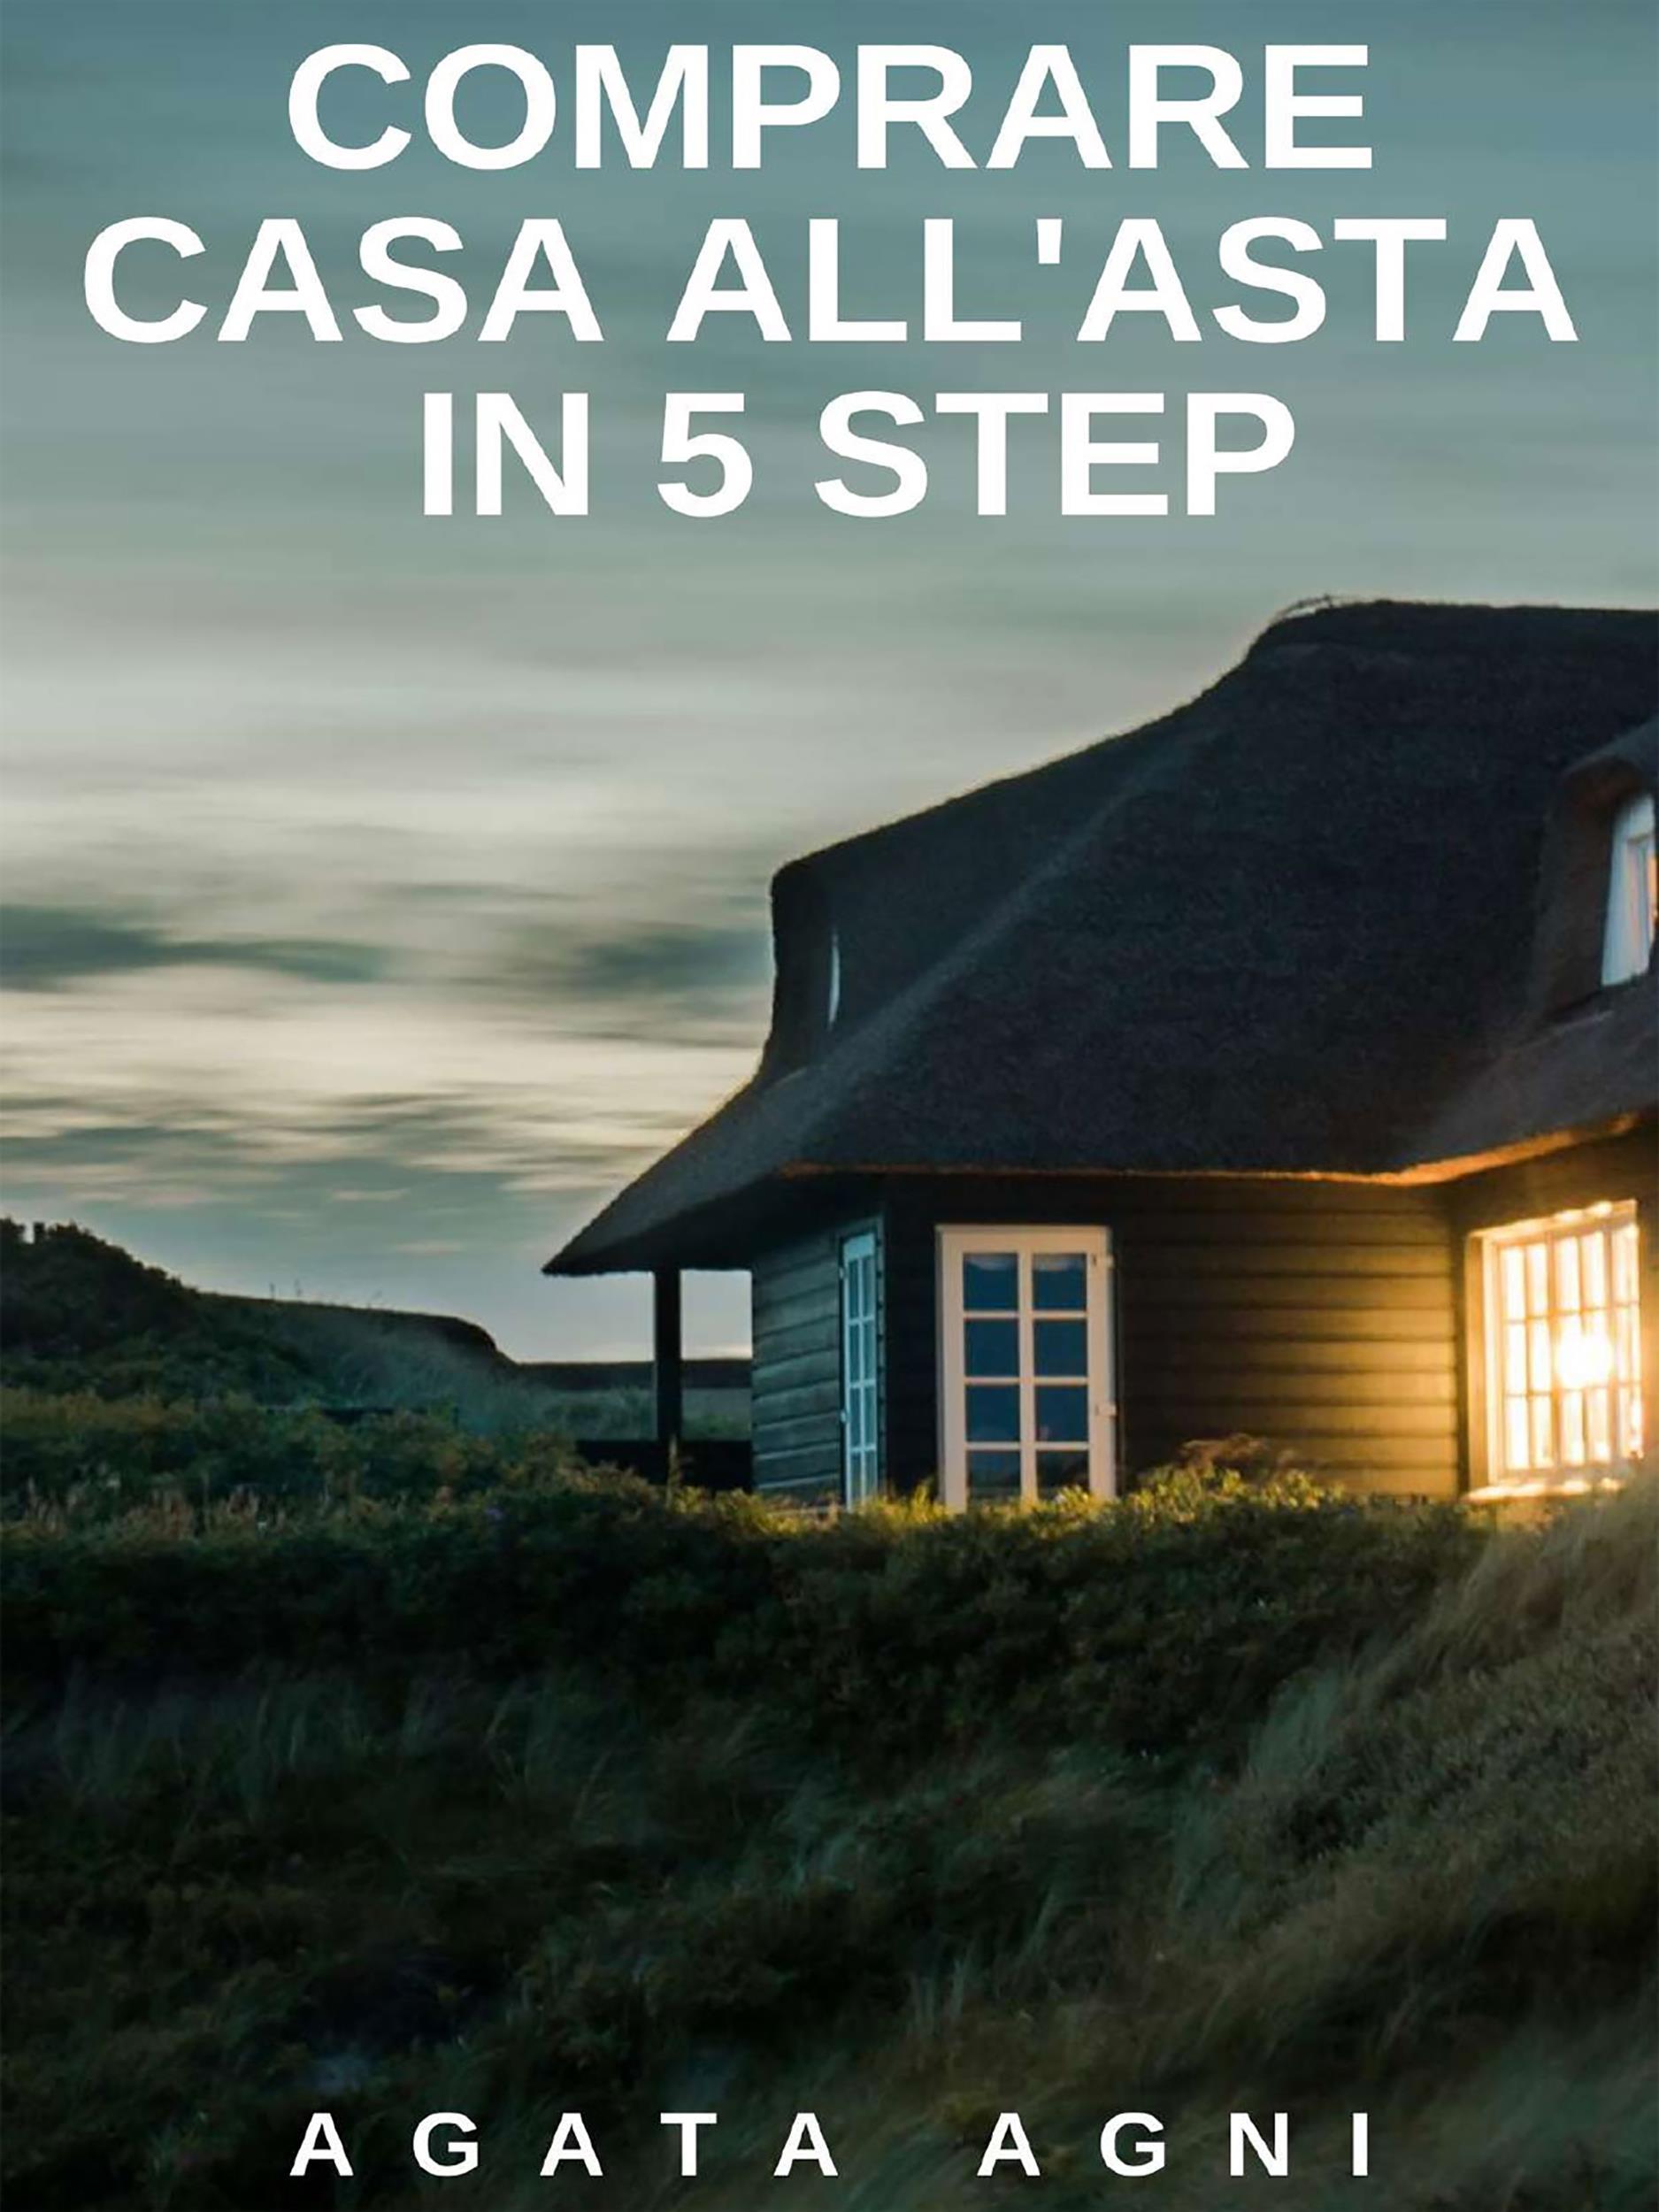 Comprare casa all'asta in 5 step